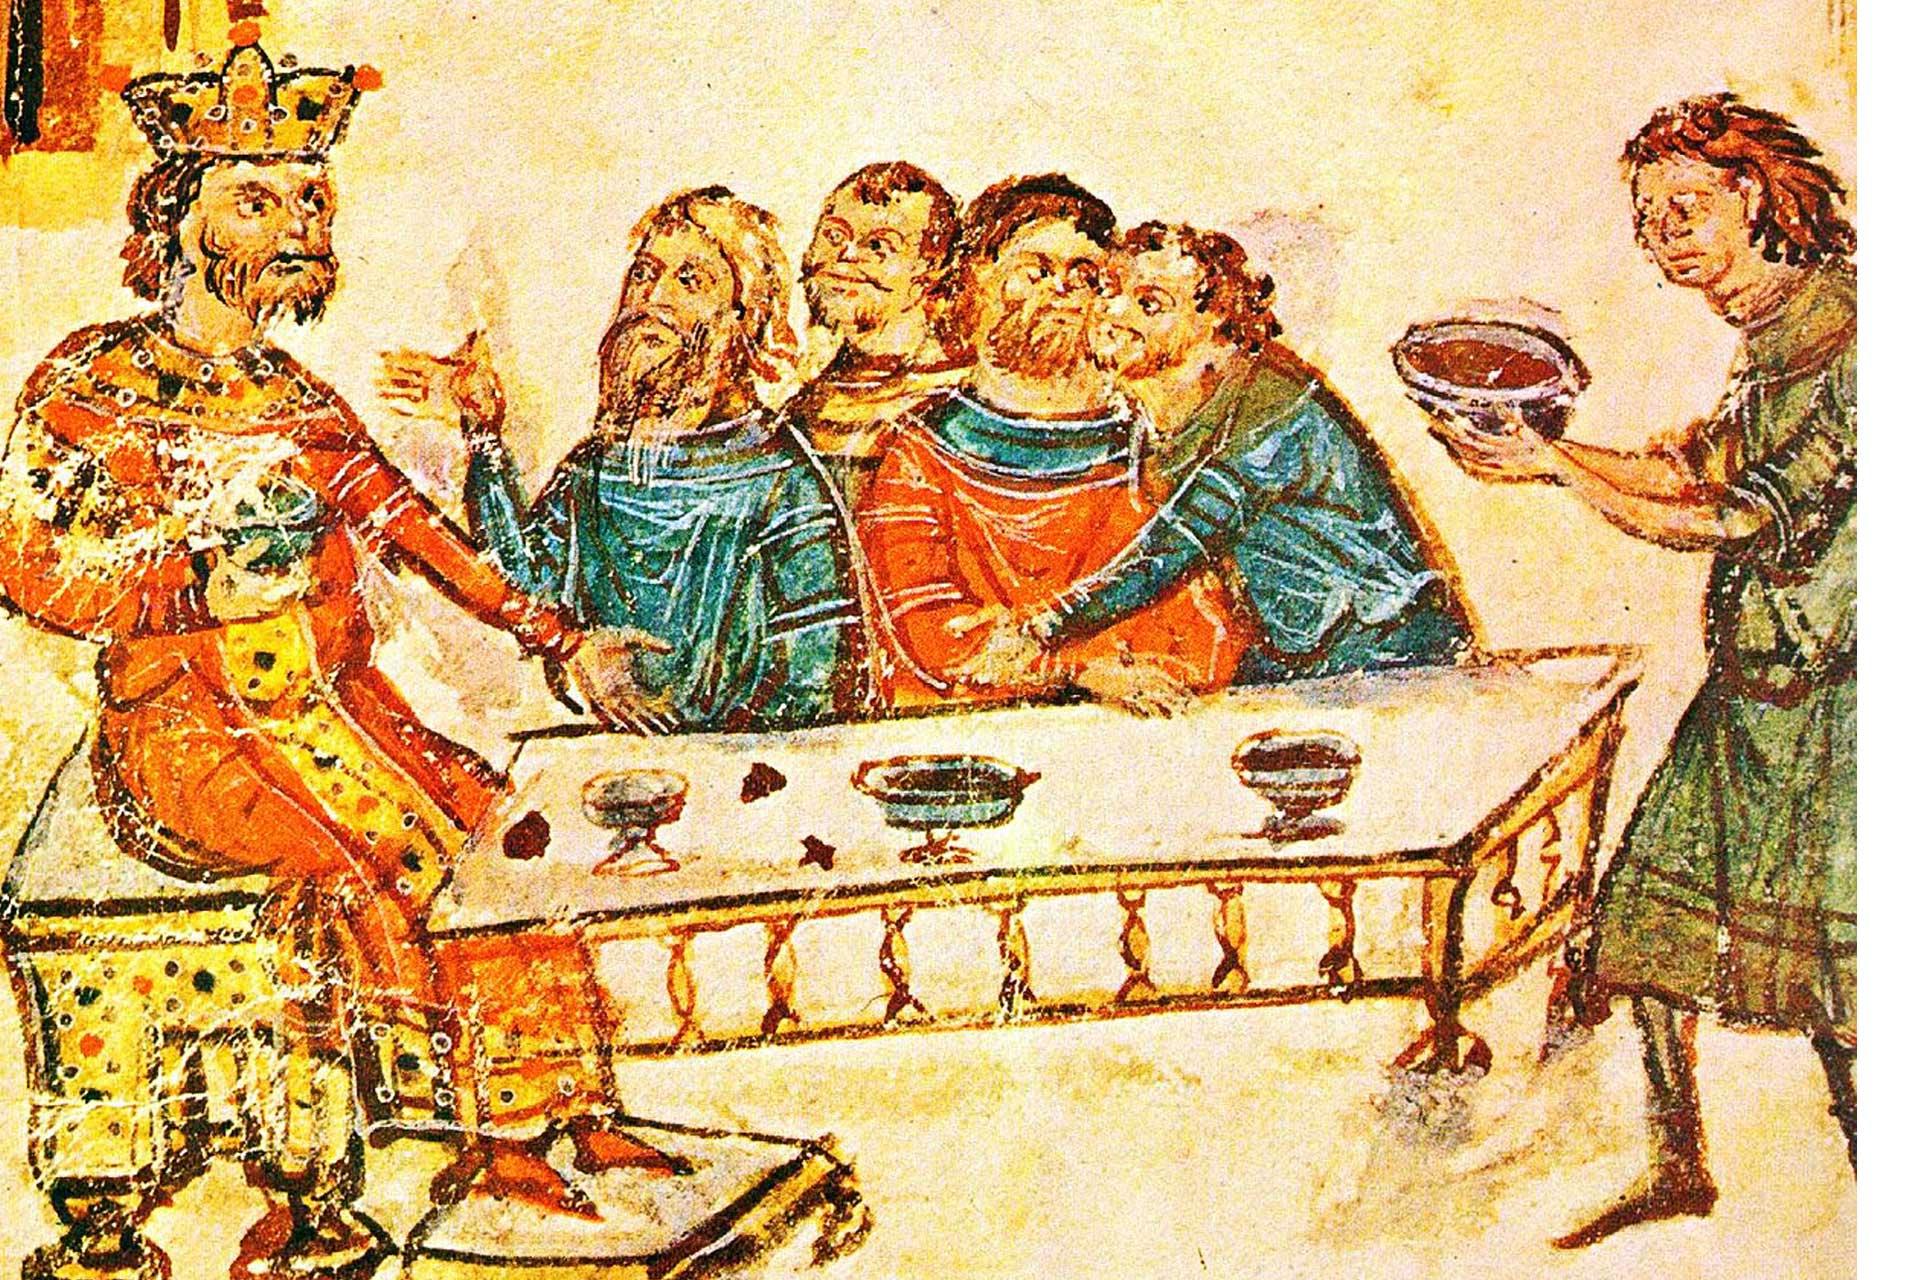 Кухнята на древните българи, хан Крум